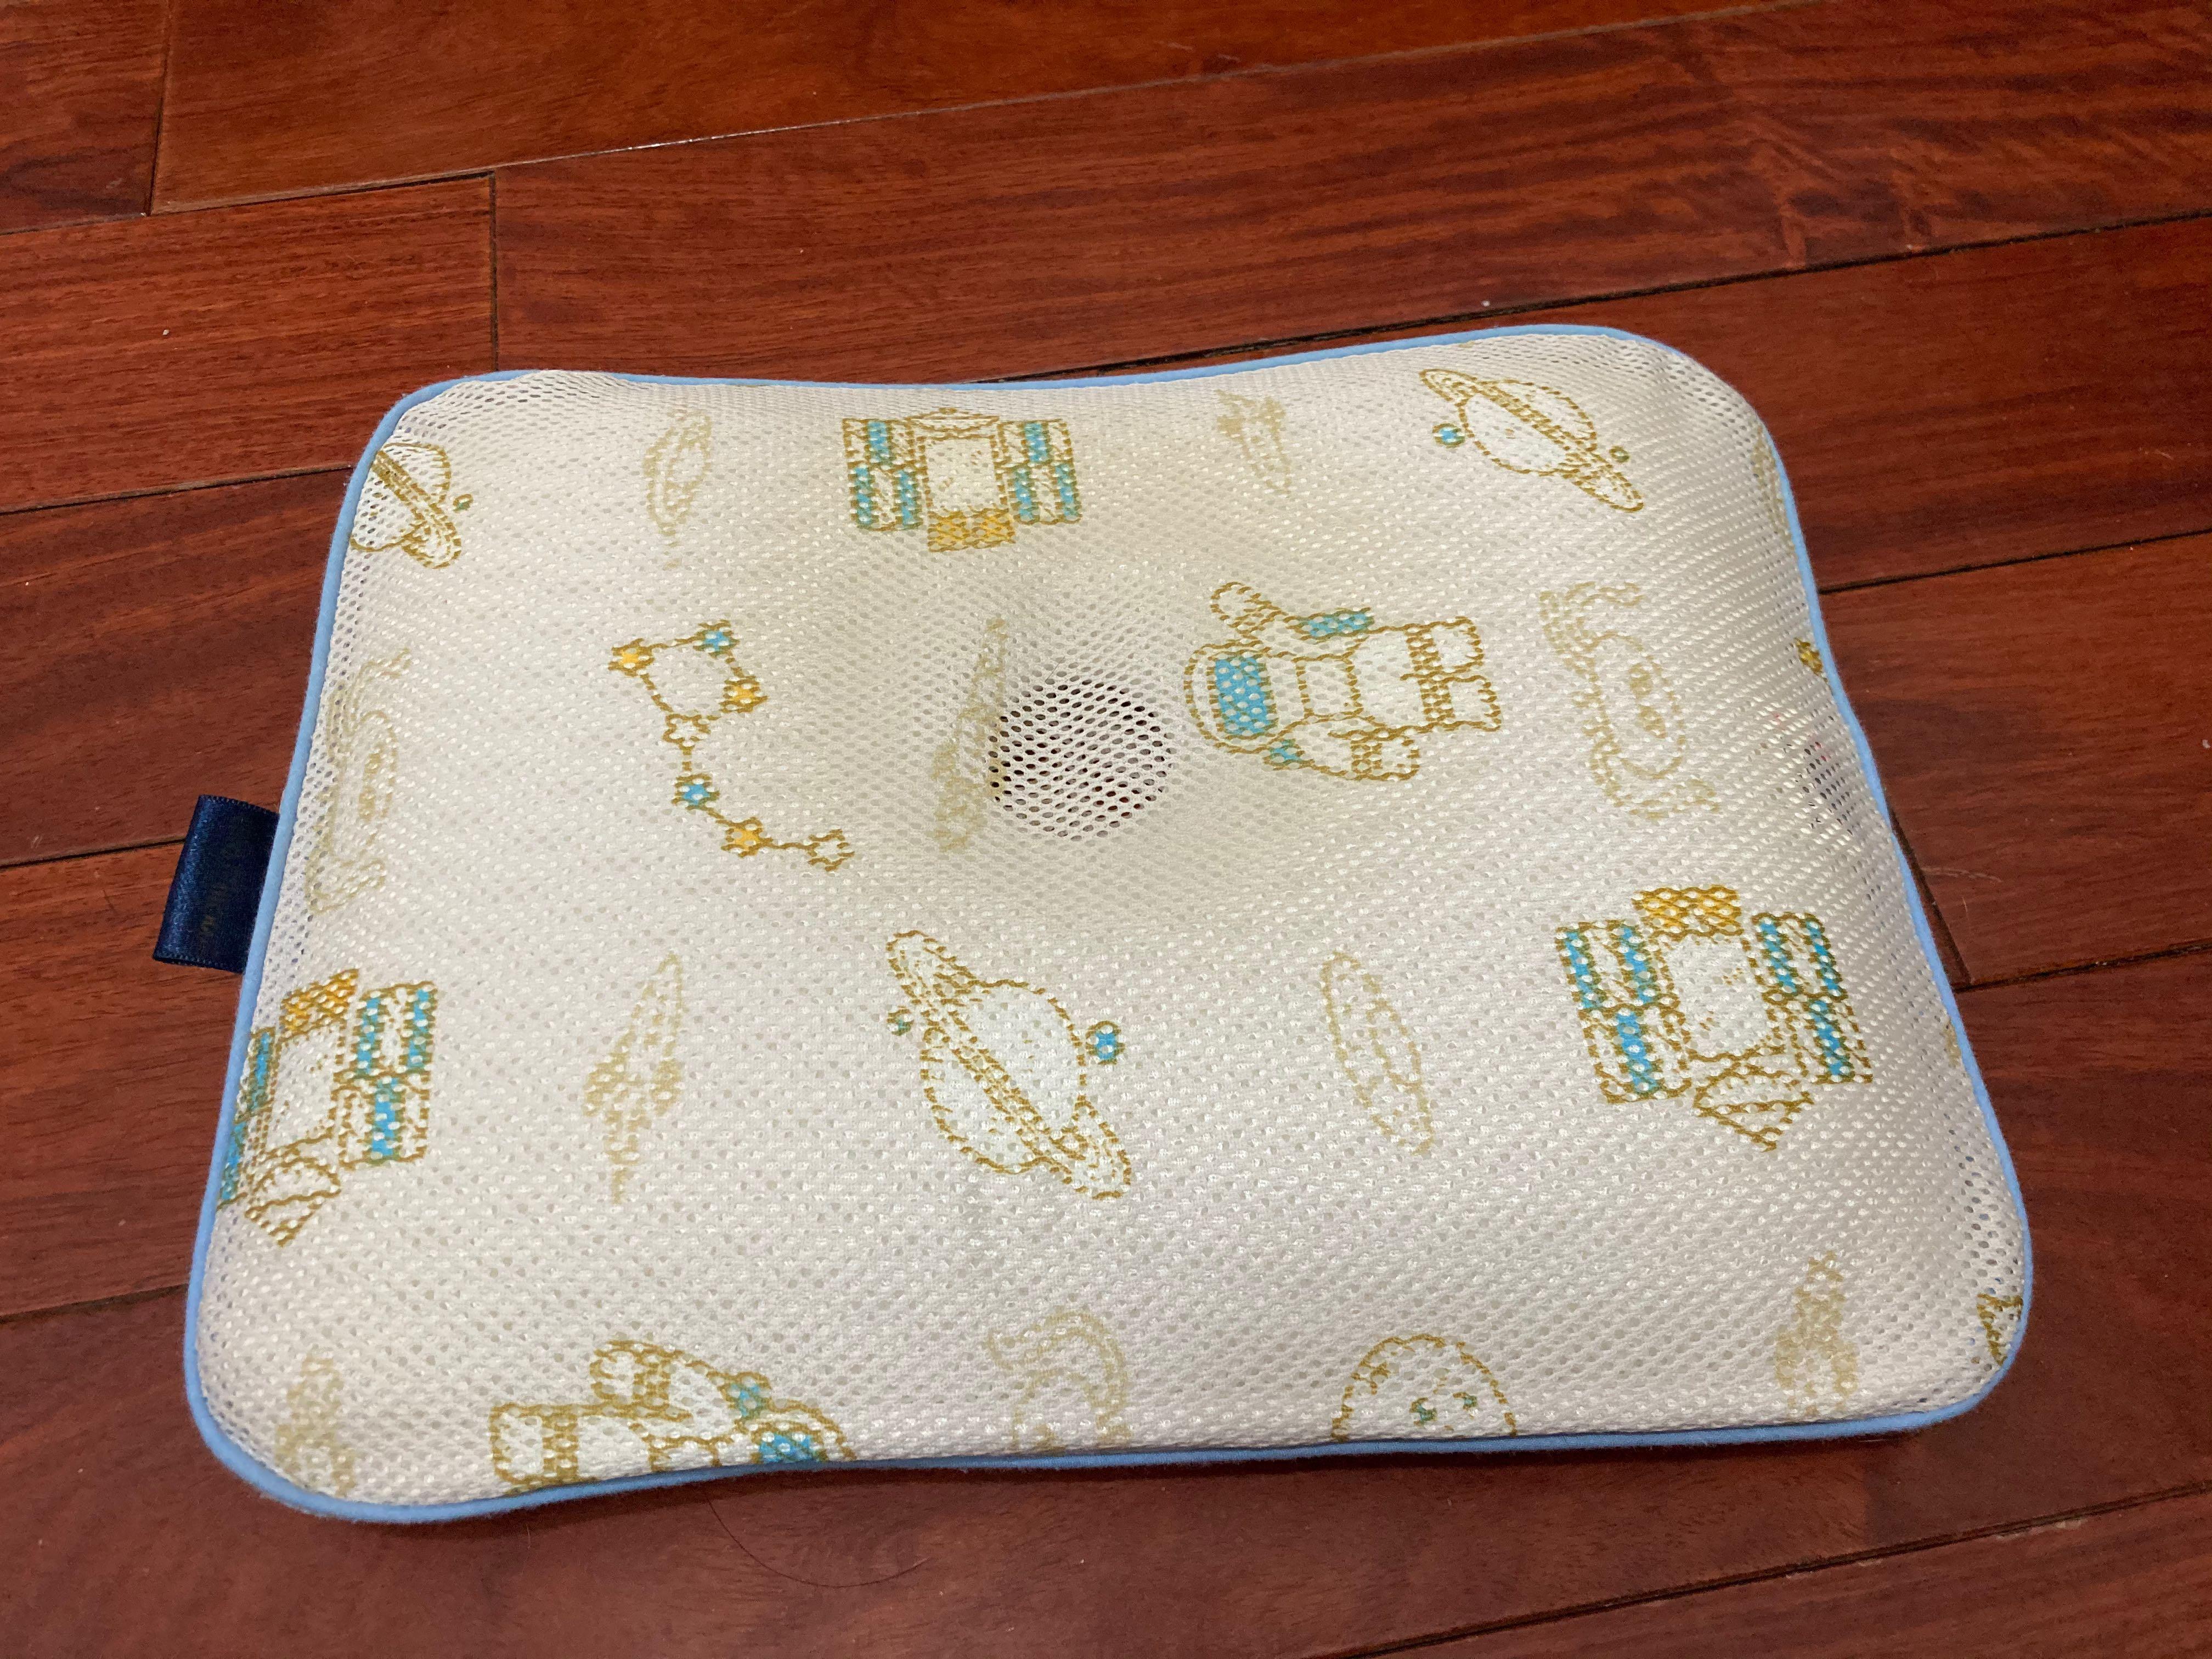 Gio pillow寶寶枕(S號)